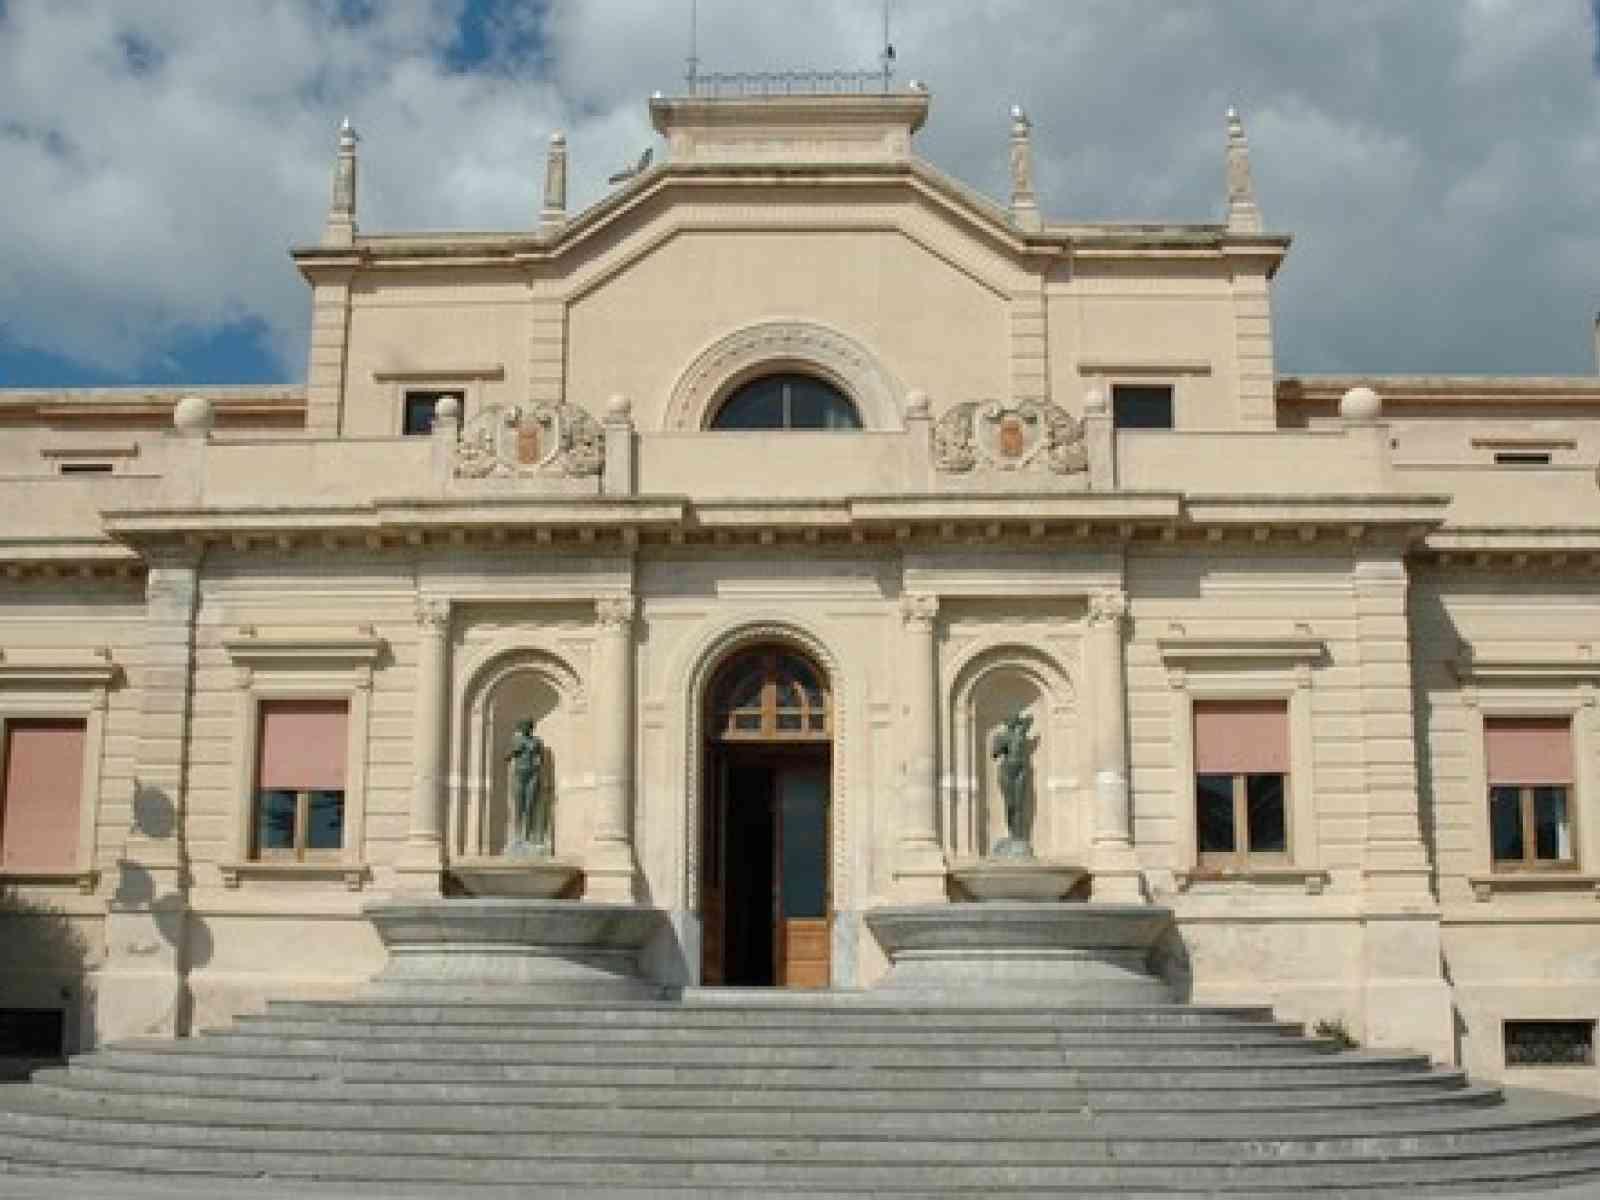 La Regione pubblica l'avviso per la gestione delle Terme di Sciacca